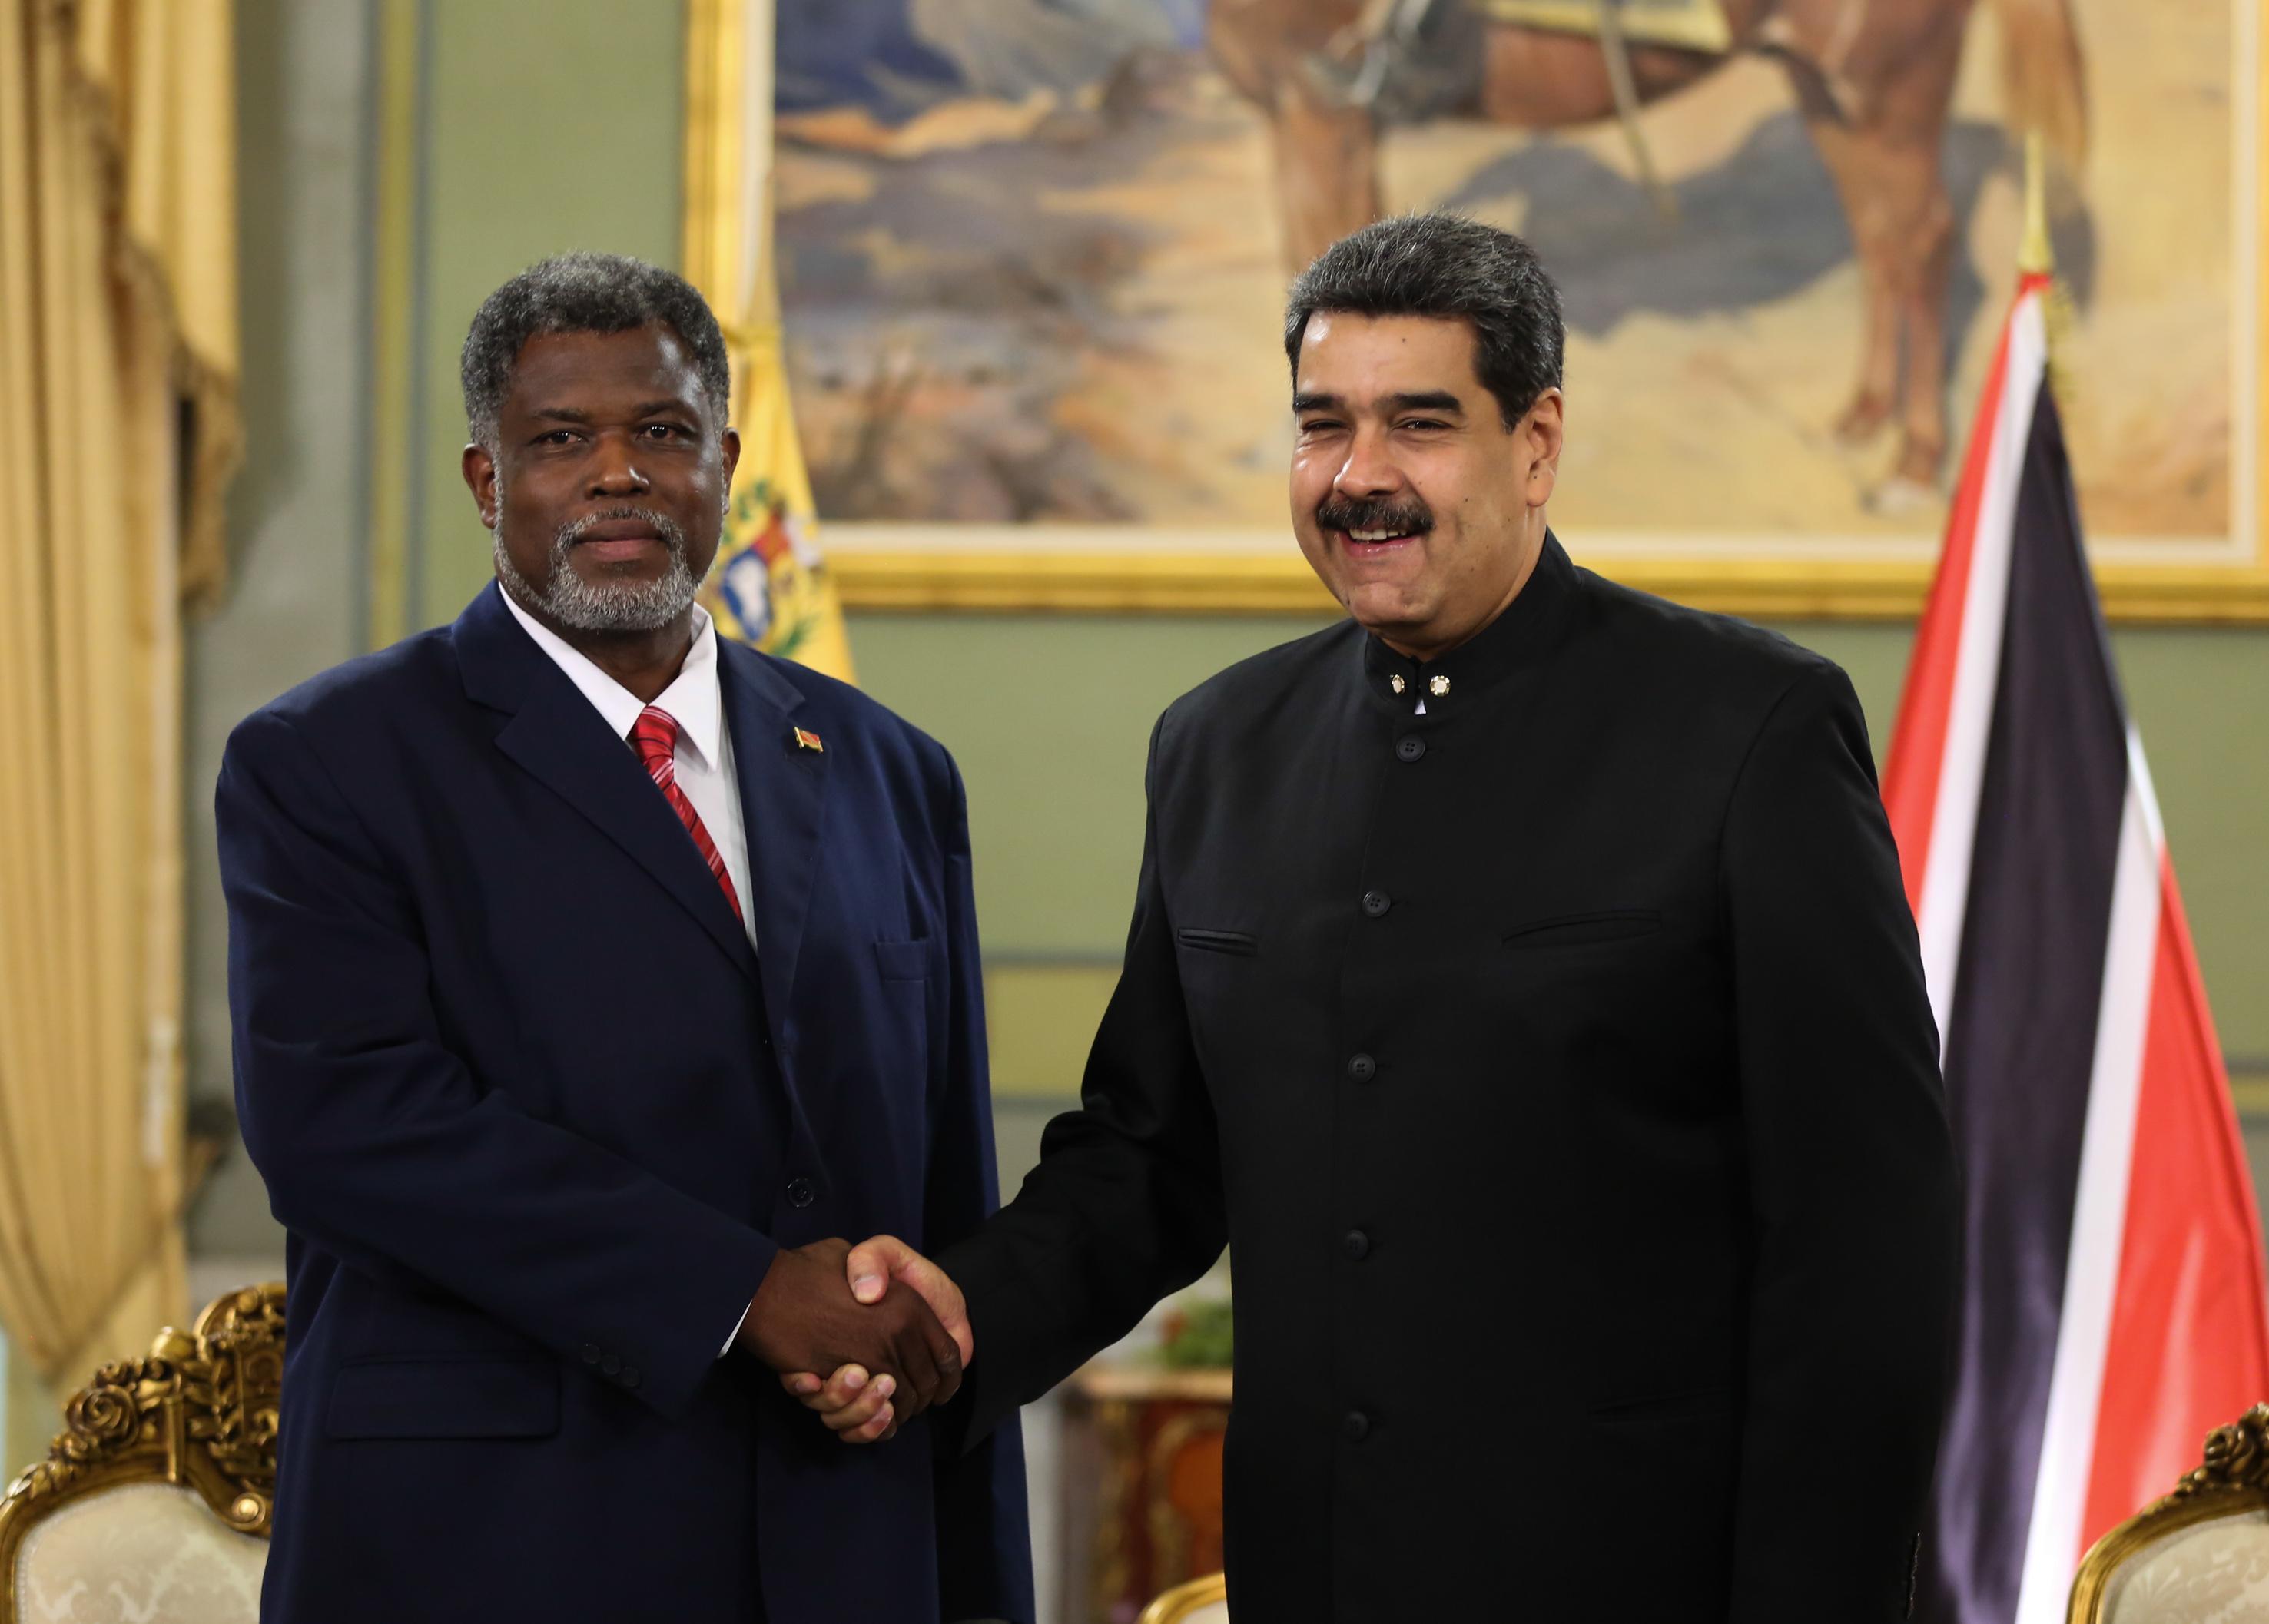 Presidente Maduro recibe cartas credenciales de la República de Trinidad y Tobago